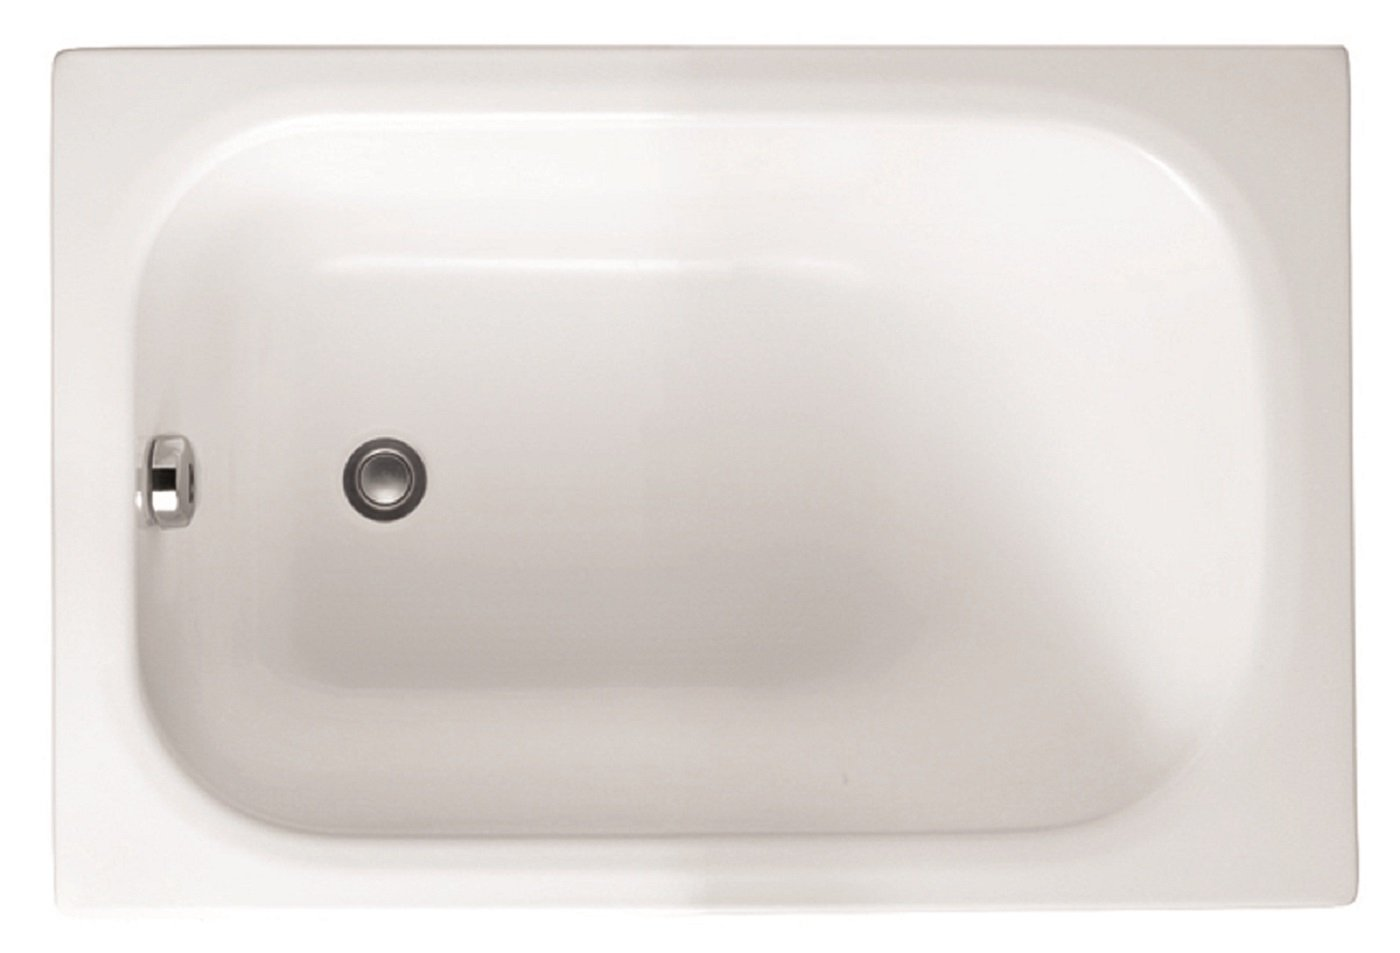 Vasca Da Bagno Incasso Piccola : In svariate forme e misure le vasche da incasso si adattano alle